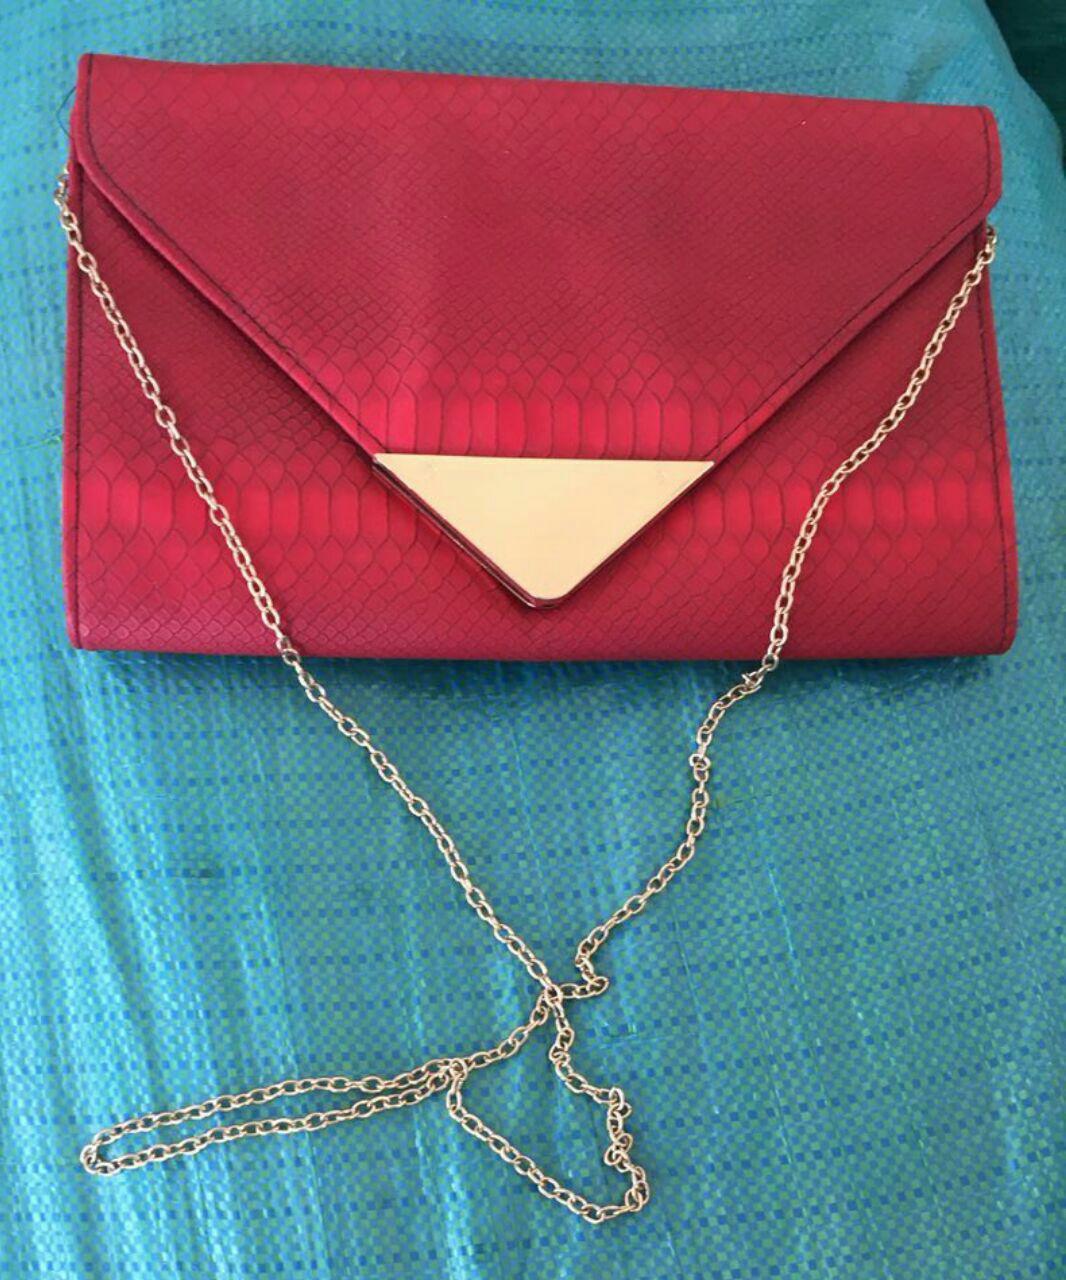 کیف زنانه برند Jane norman